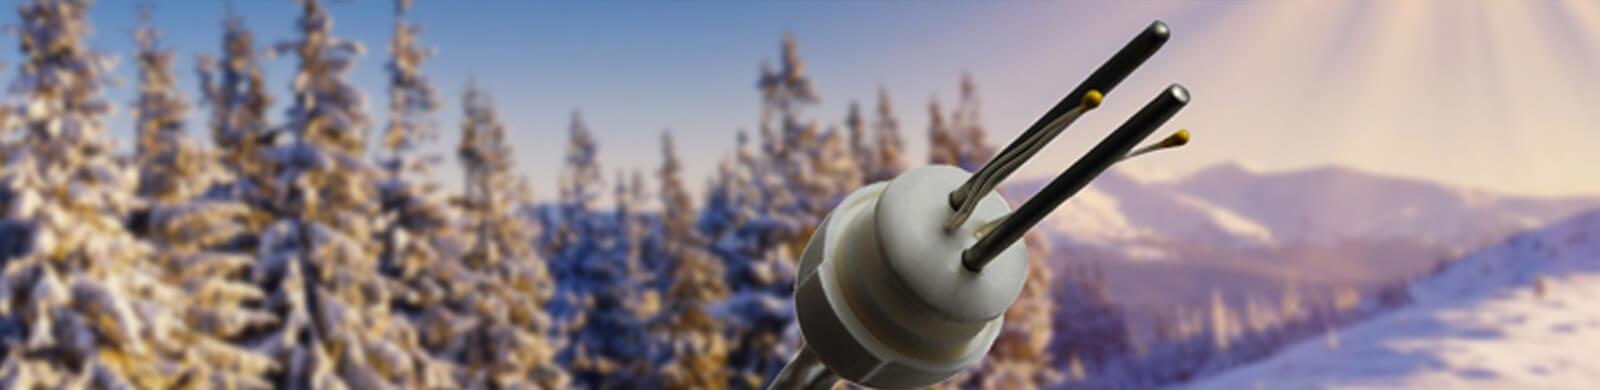 Temperature Sensor Support